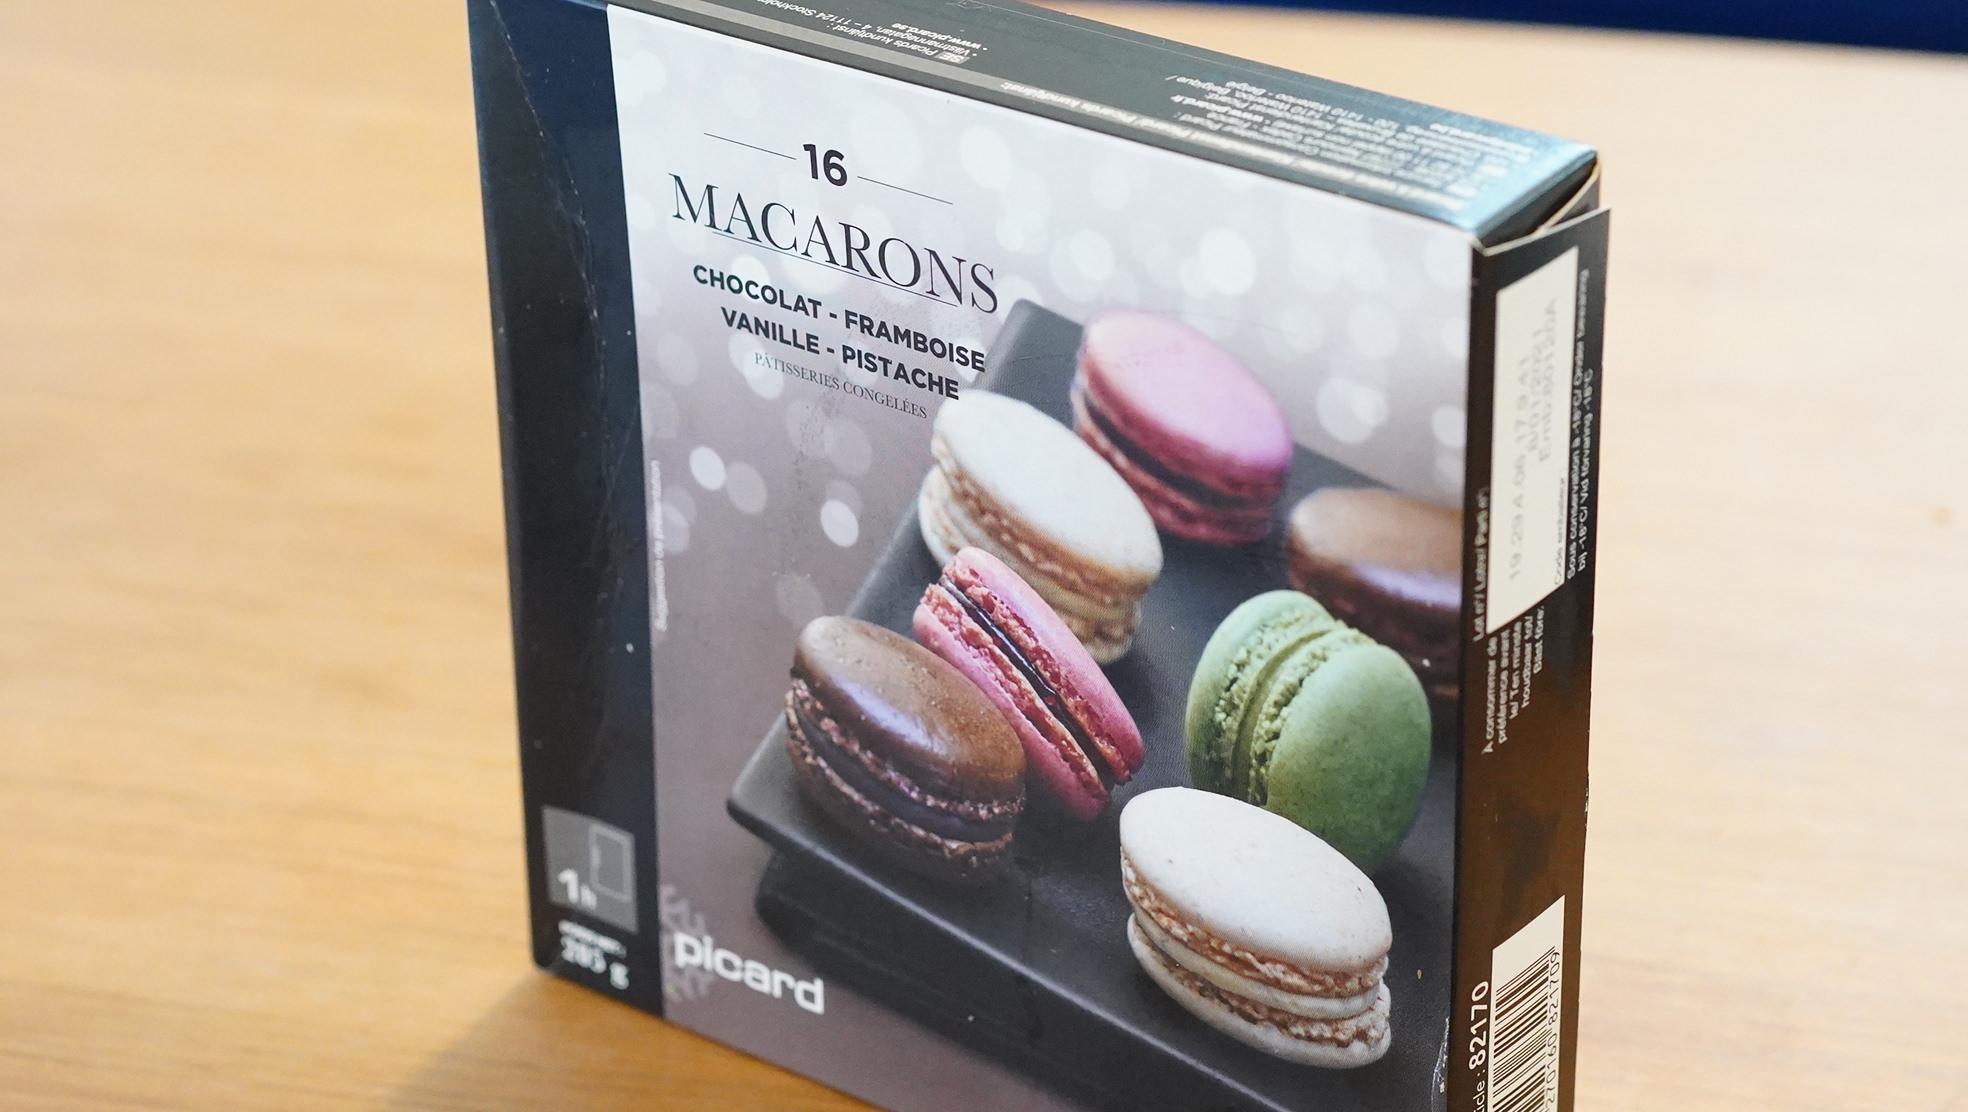 ピカールのおすすめ冷凍食品「4種類のマカロン」のパッケージ写真